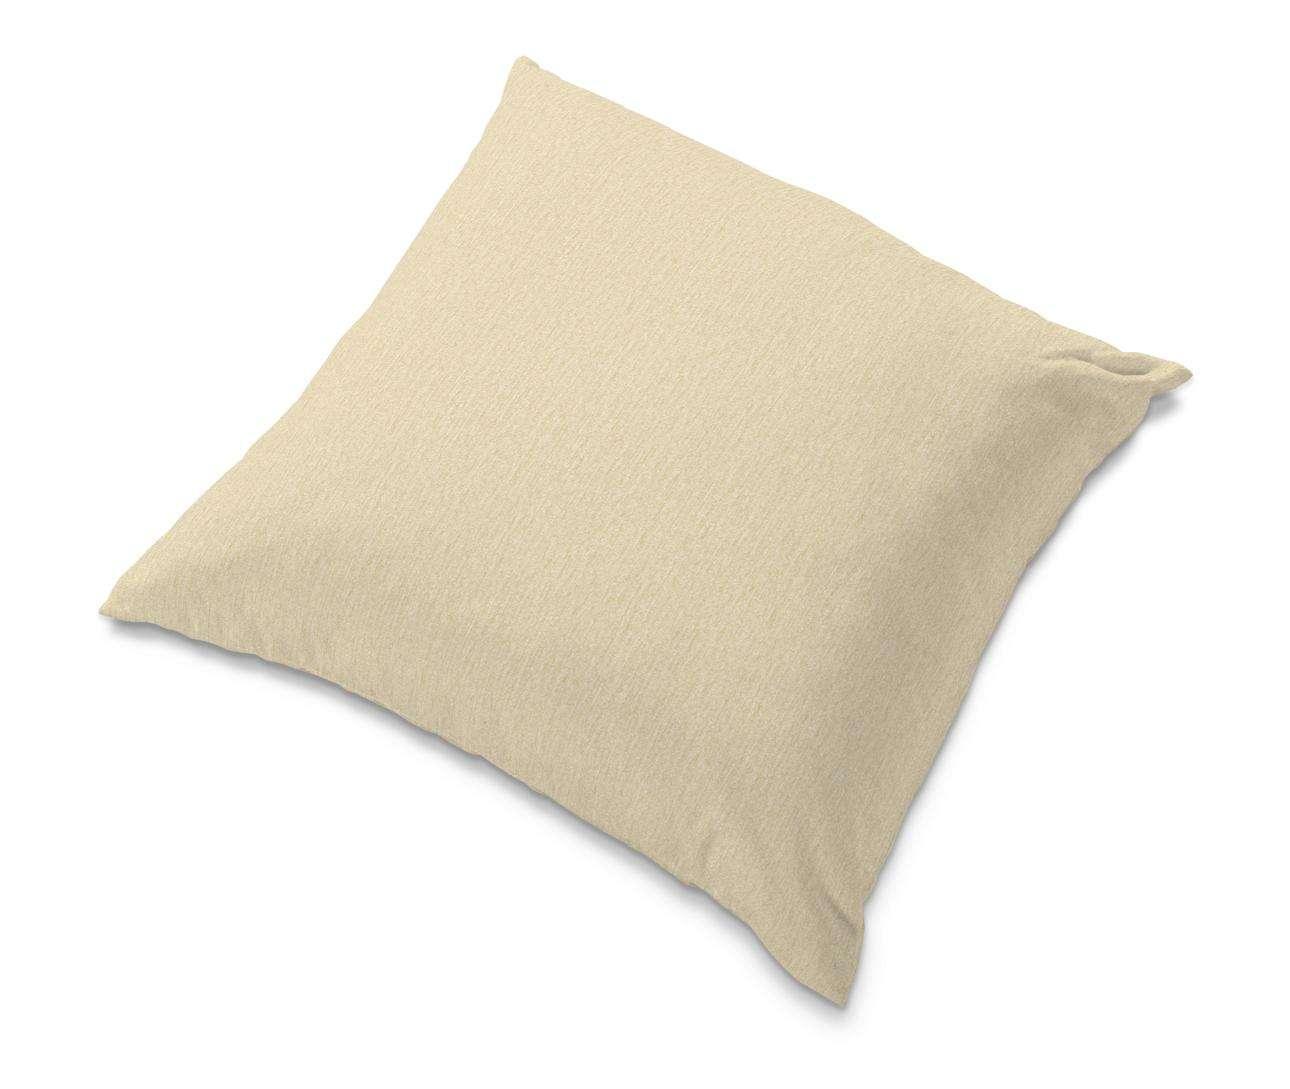 TOMELILLA pagalvėlės užvalkalas 55 x 55 cm kolekcijoje Chenille, audinys: 702-22